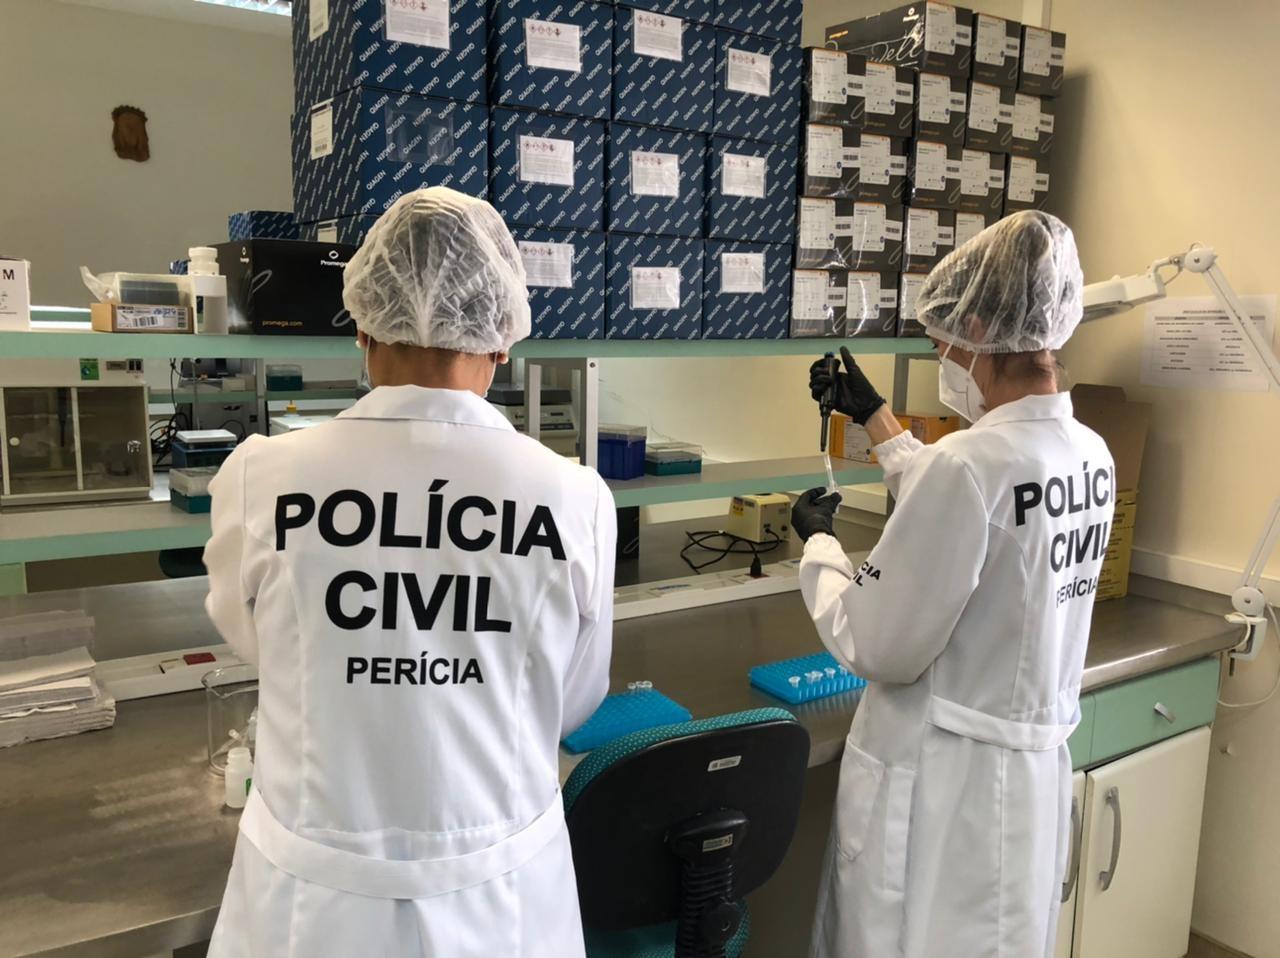 Polícia faz agendamento de coleta de material genético de famílias de pessoas desaparecidas no ES